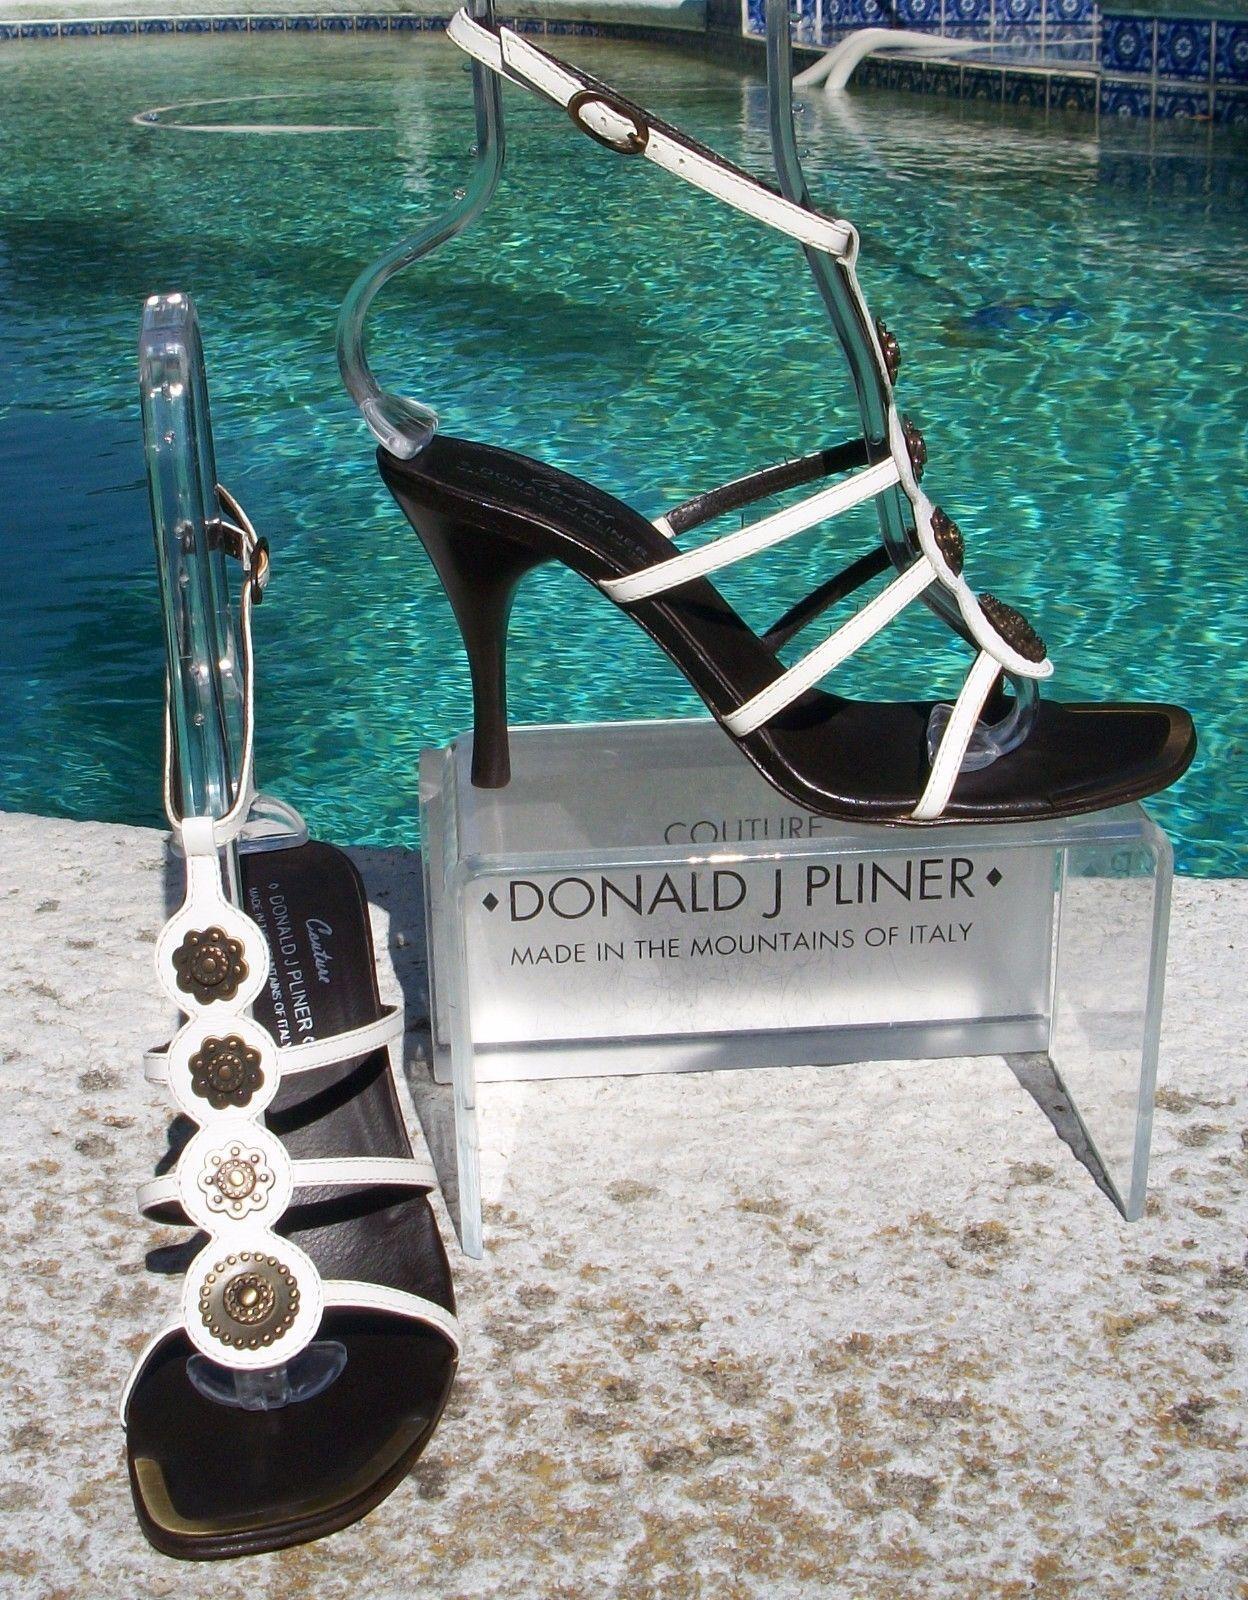 offerta speciale Donald Pliner Couture Couture Couture Vachetta Leather scarpe New Exotic Strappy Sandal  285 NIB  compra meglio